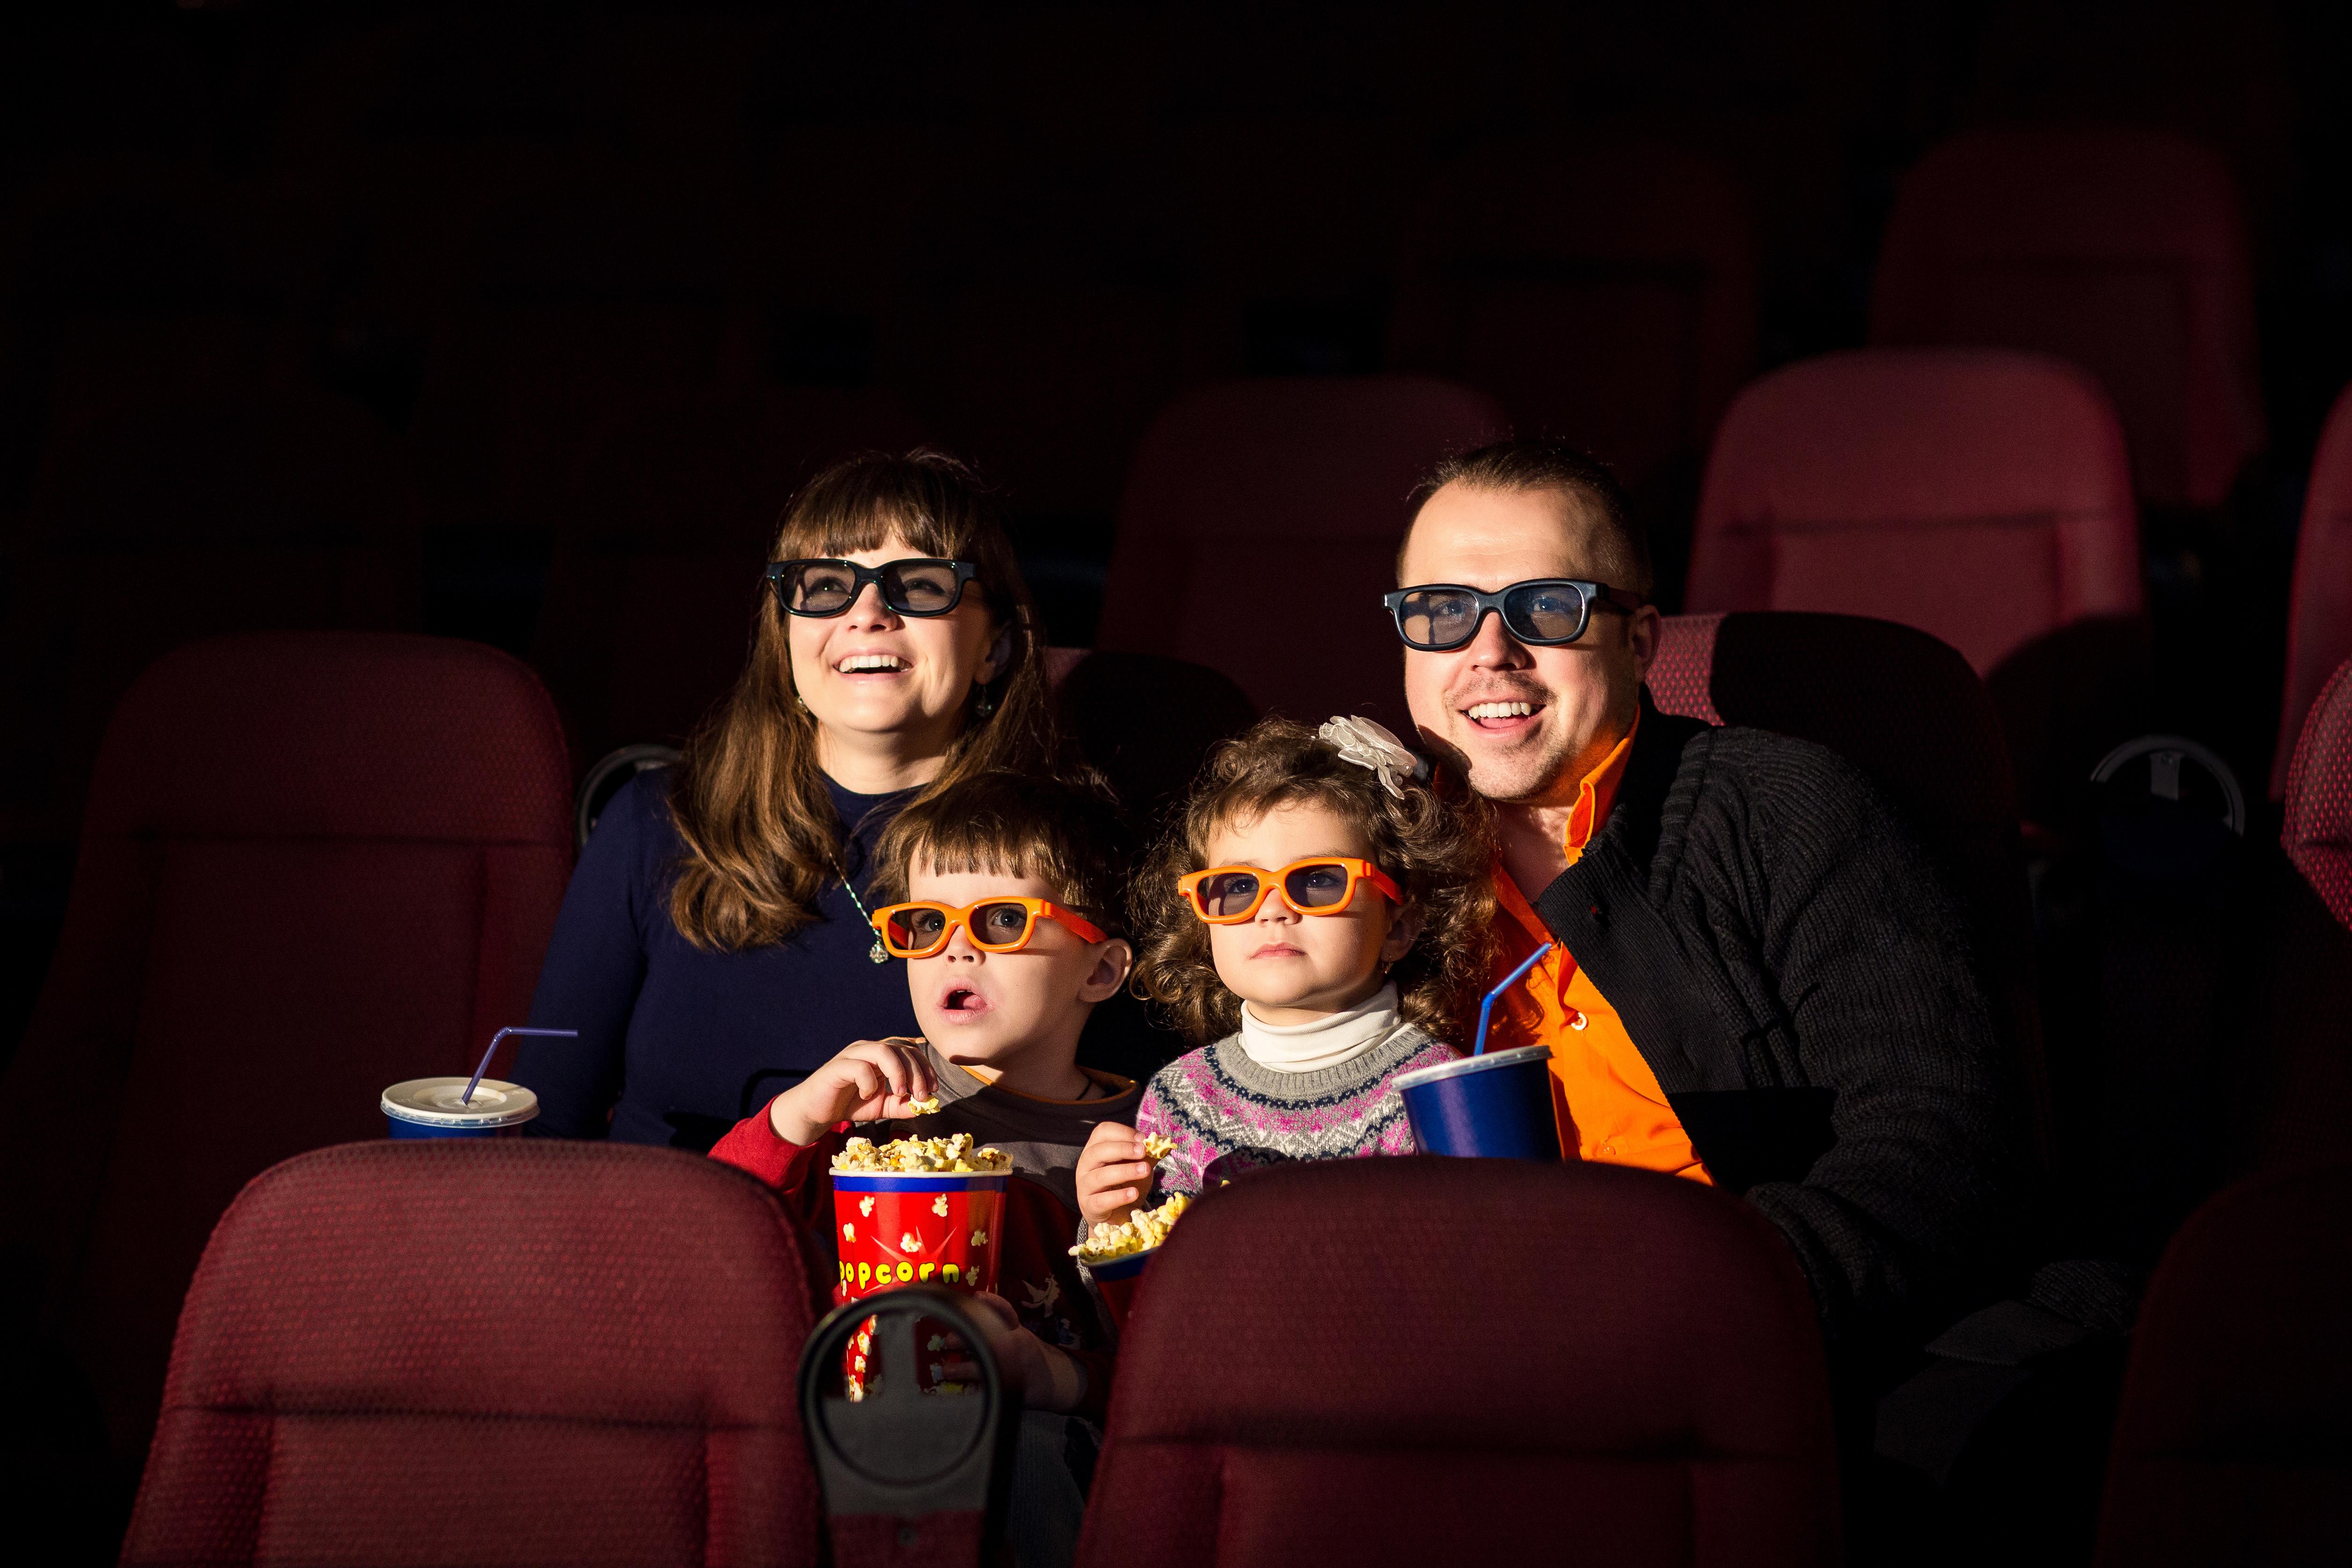 Forsidebilde - Familie på 4D kino